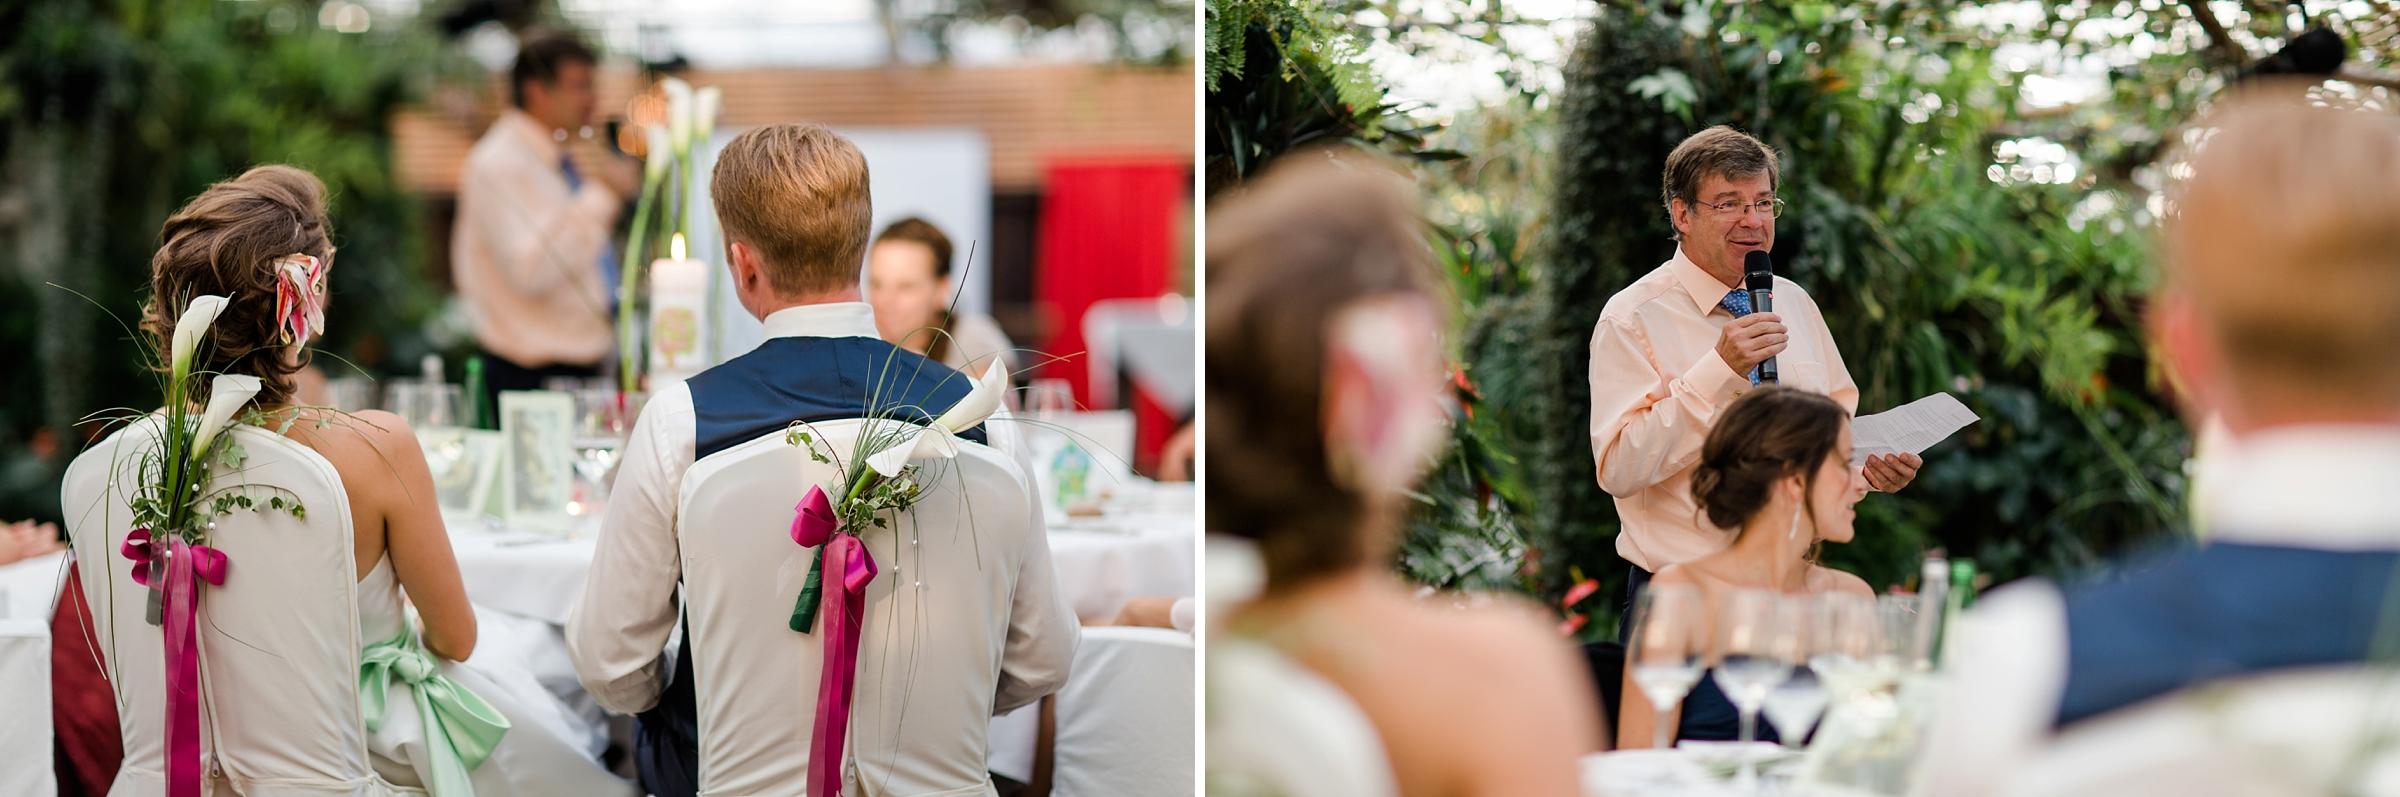 Hochzeitsfotograf-Zuerich-Giardino-Verde-Ansprache-Brautvater